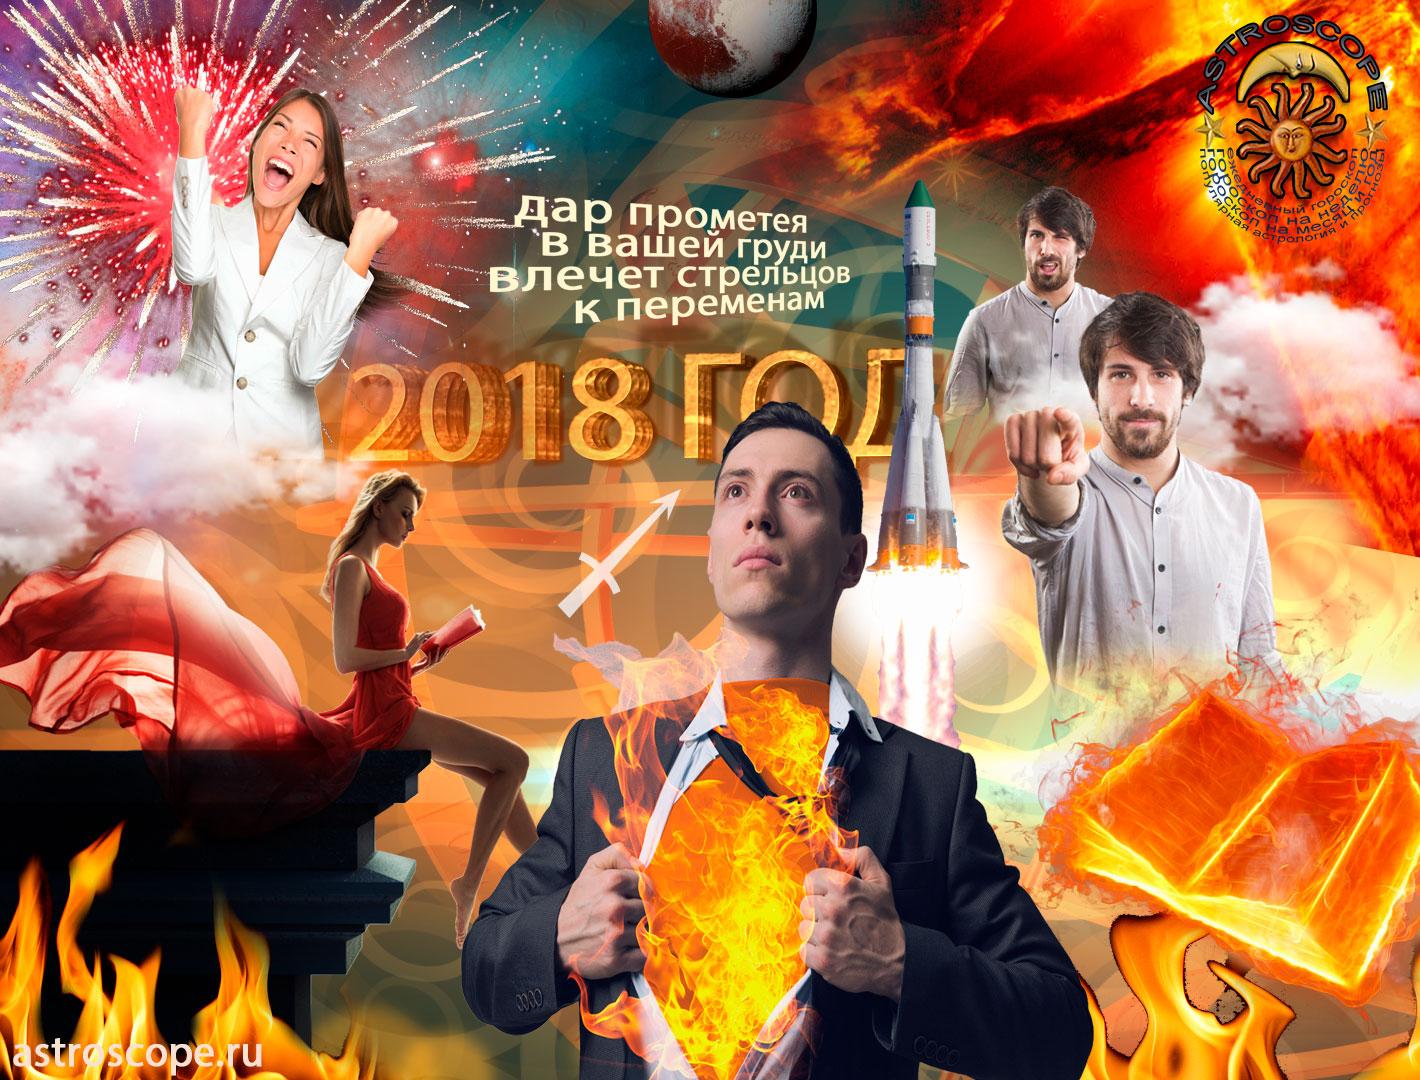 Гороскоп на 2019 год Стрелец, астрологический прогноз на 2019 год для Стрельцов